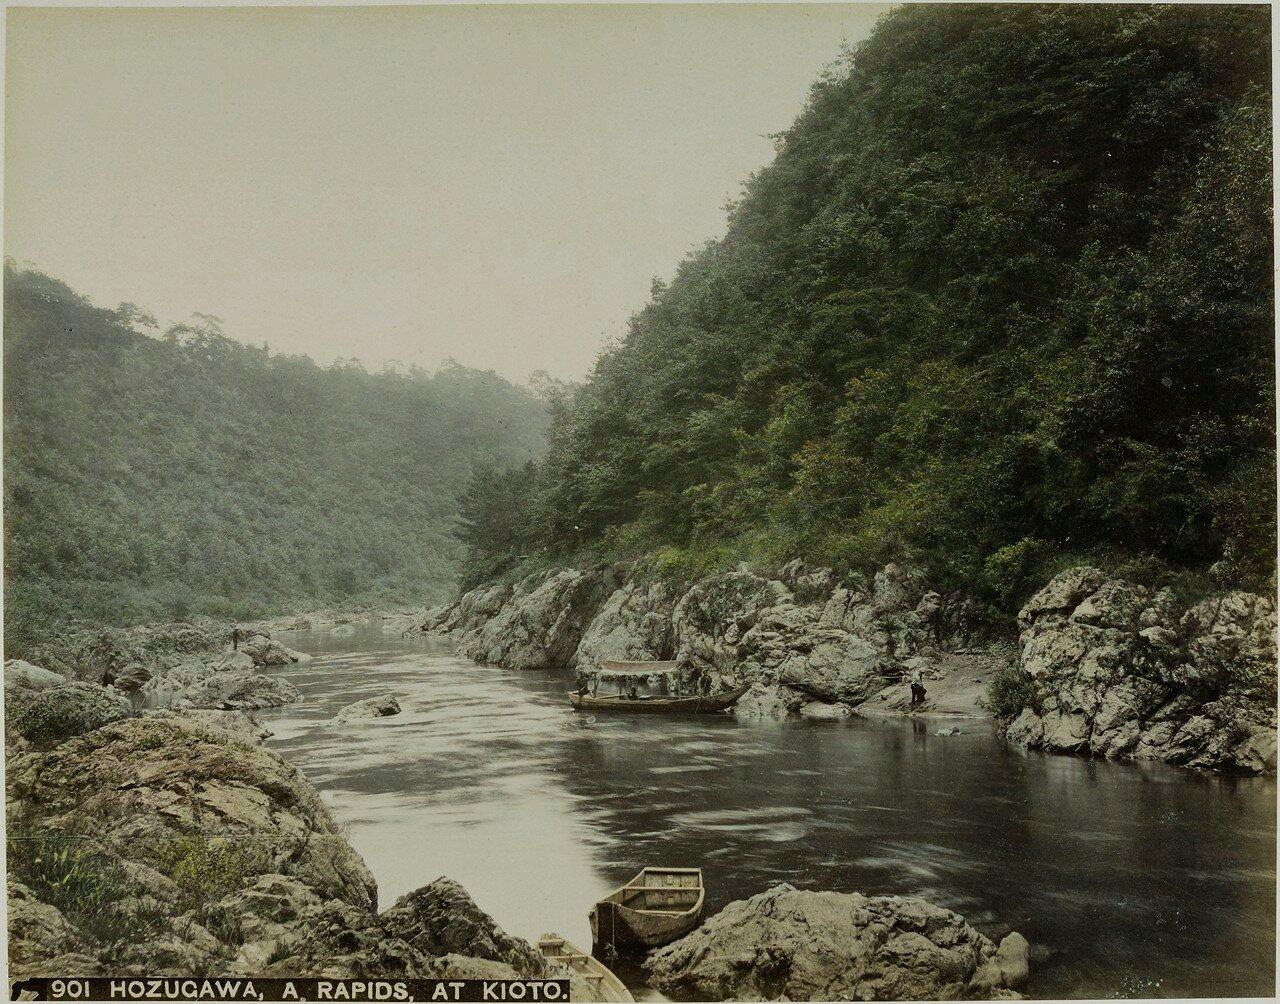 Окрестности Киото.  Река Хозугава